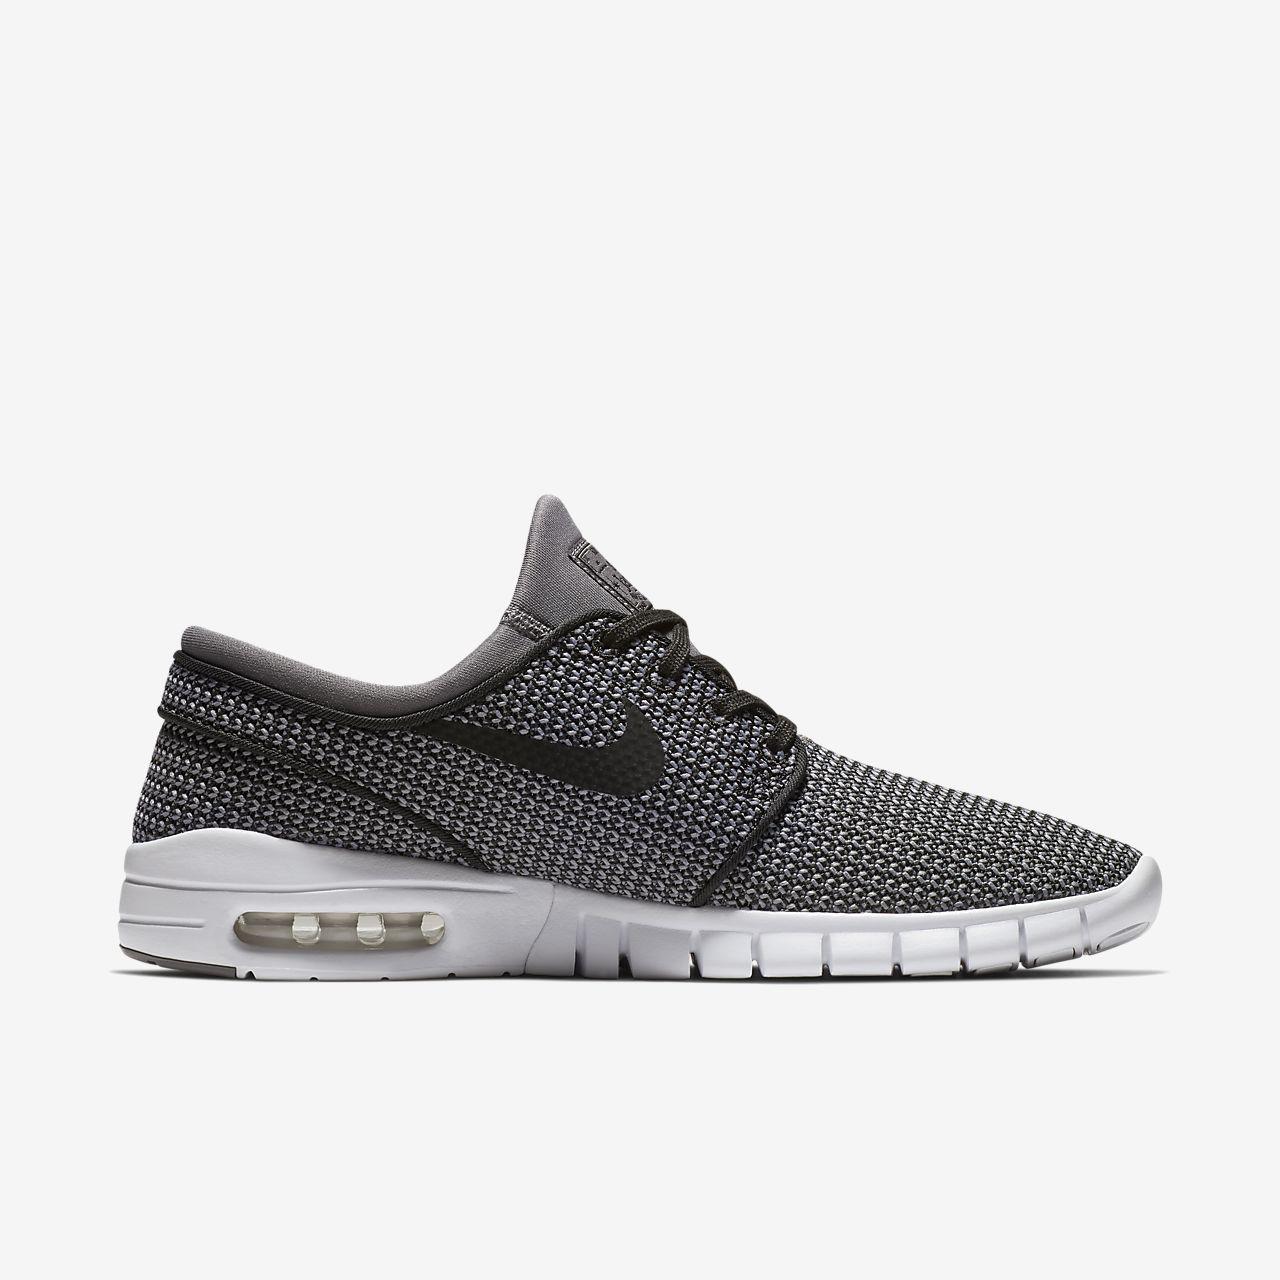 Nike SB STEFAN JANOSKI Air Max Sneakers Uomo Scarpe da Ginnastica SKATER NUOVO